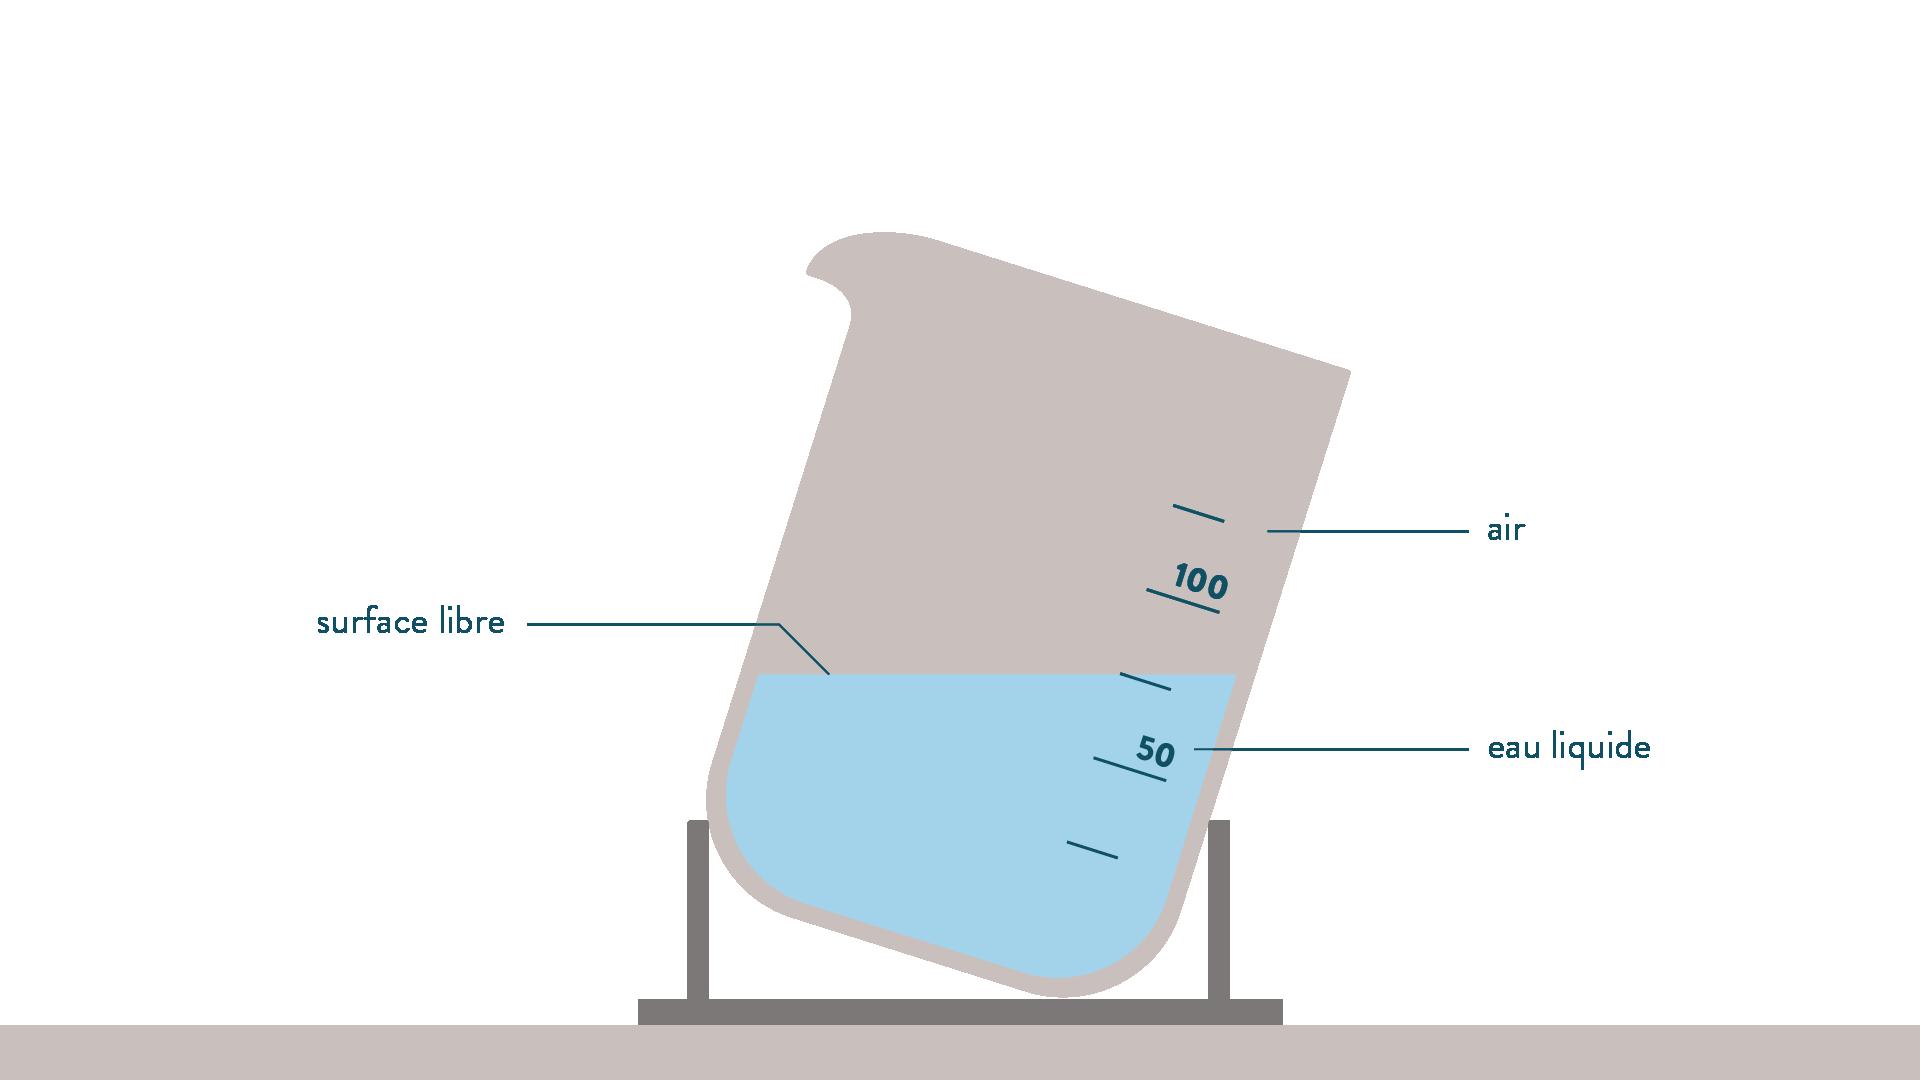 Mise en évidence de l'état liquide